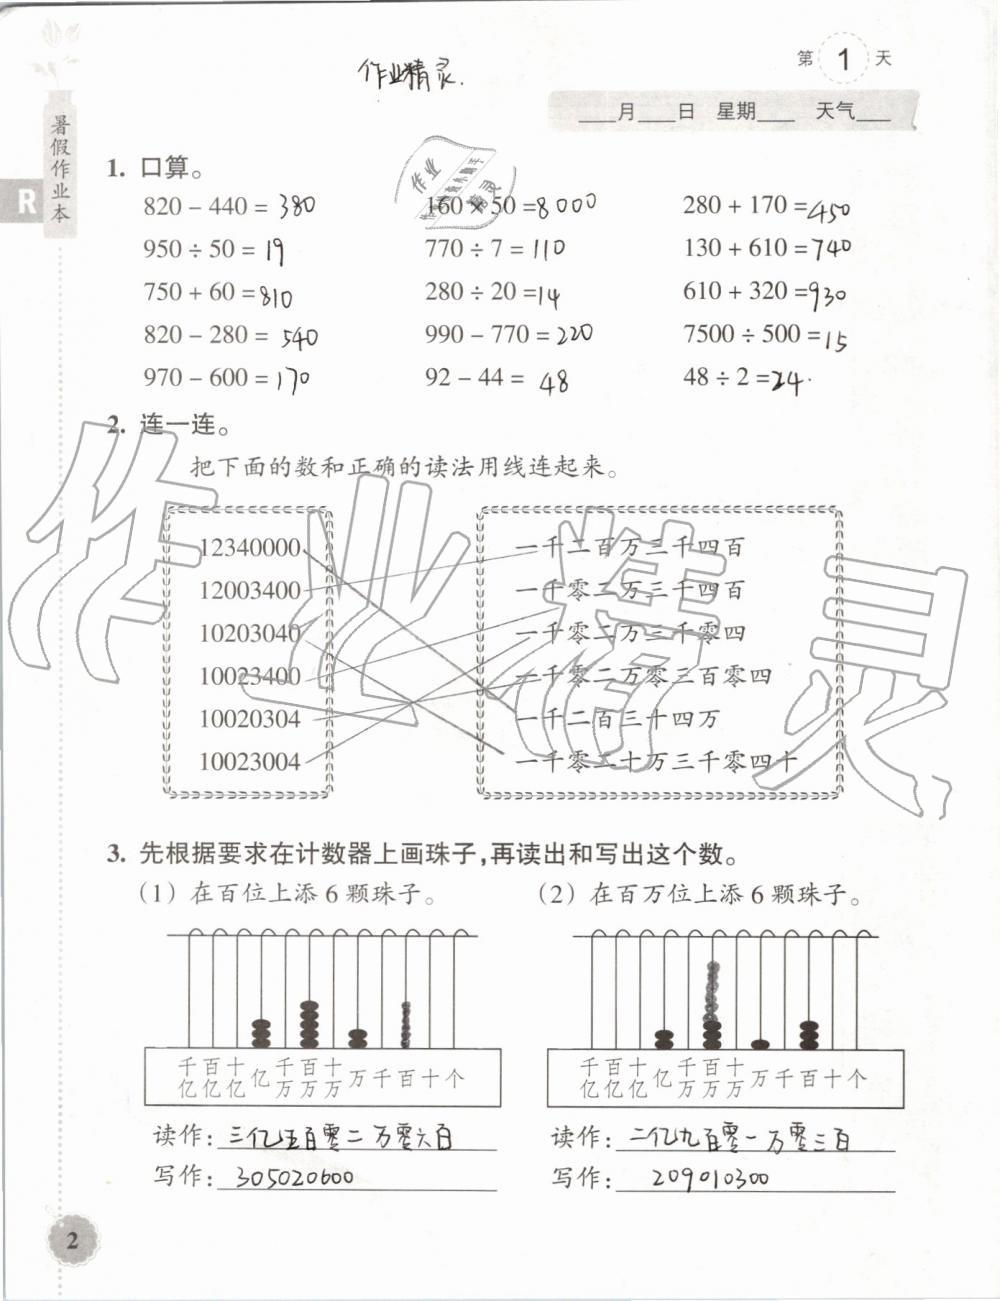 2019年暑假作業本四年級數學科學教科版浙江教育出版社第1頁